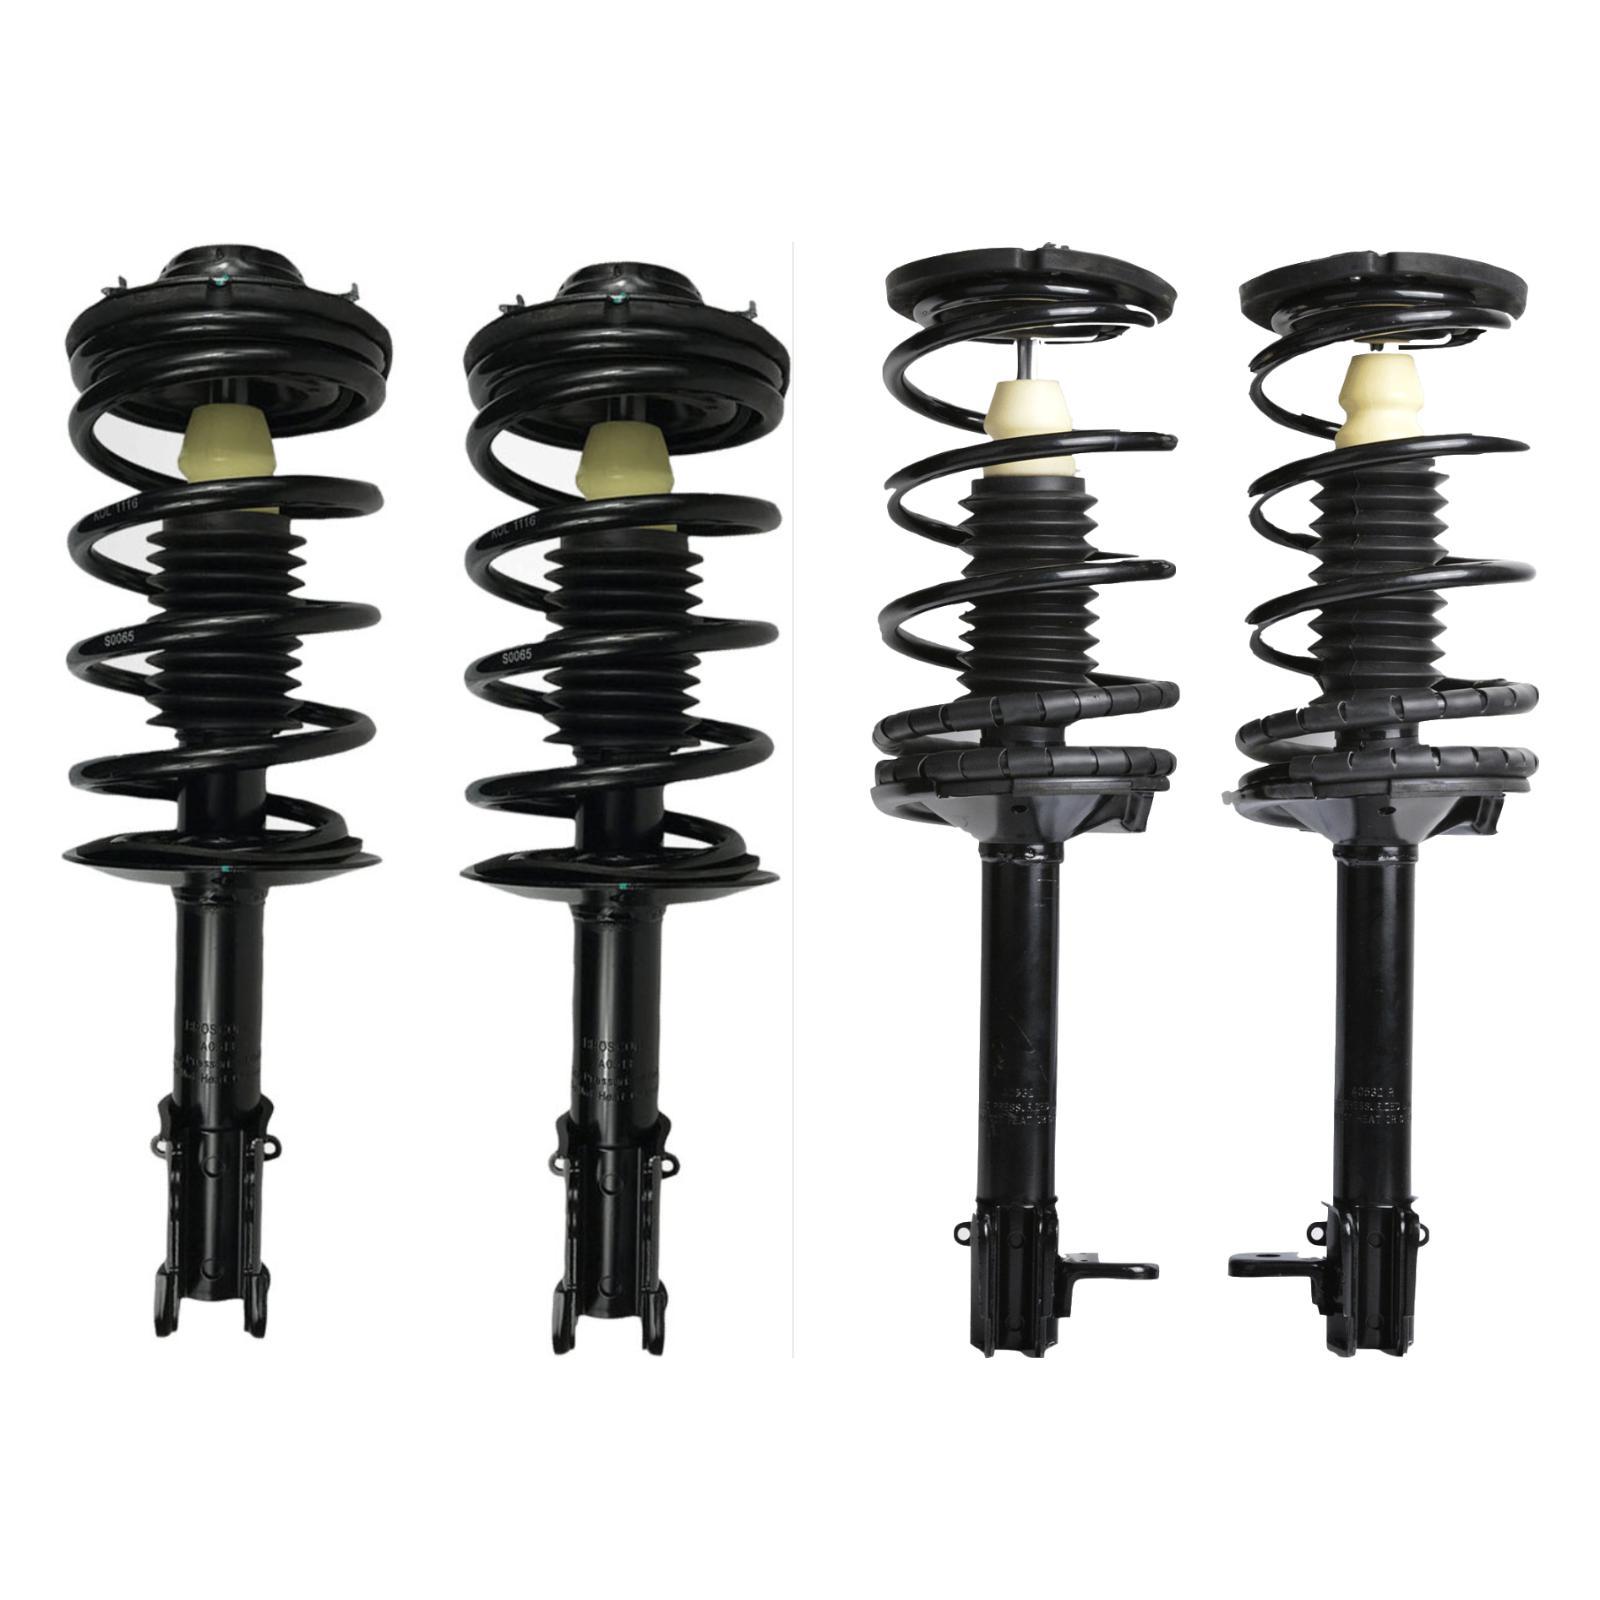 Set of 4 Complete F+R Shock Struts & Springs For Chrysler